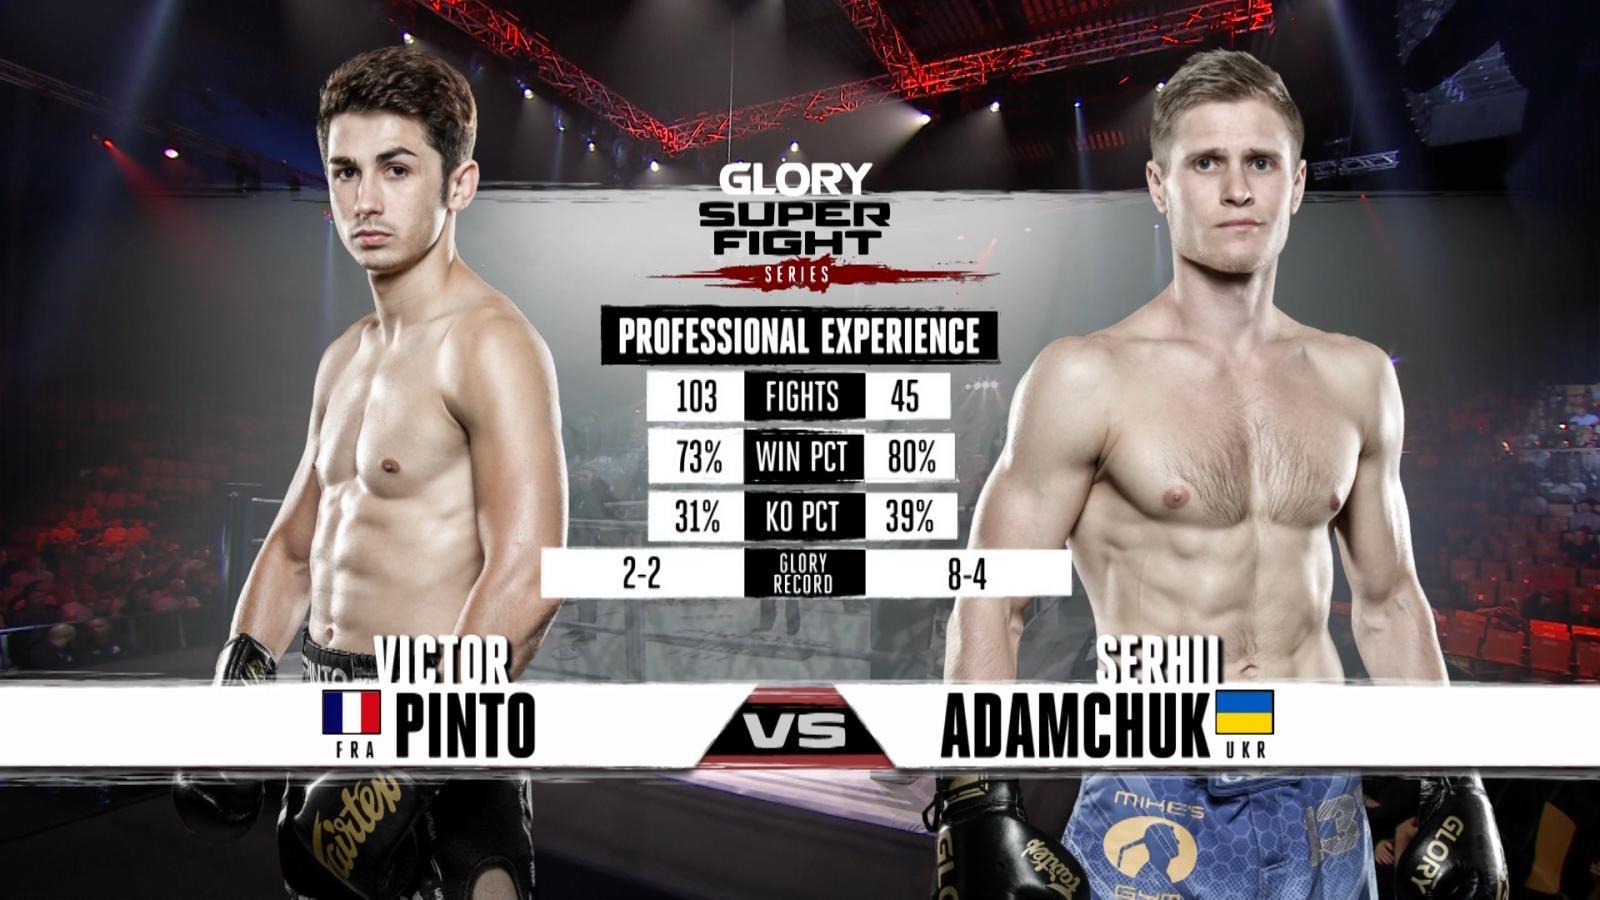 ทำดีที่สุดแล้ว ปินโต ผู้น้อง เจอของแข็ง แพ้คะแนน อดัมชุก ฉวดแชมป์ทัวร์นาเมนท์ - PPTV FIGHT CLUB